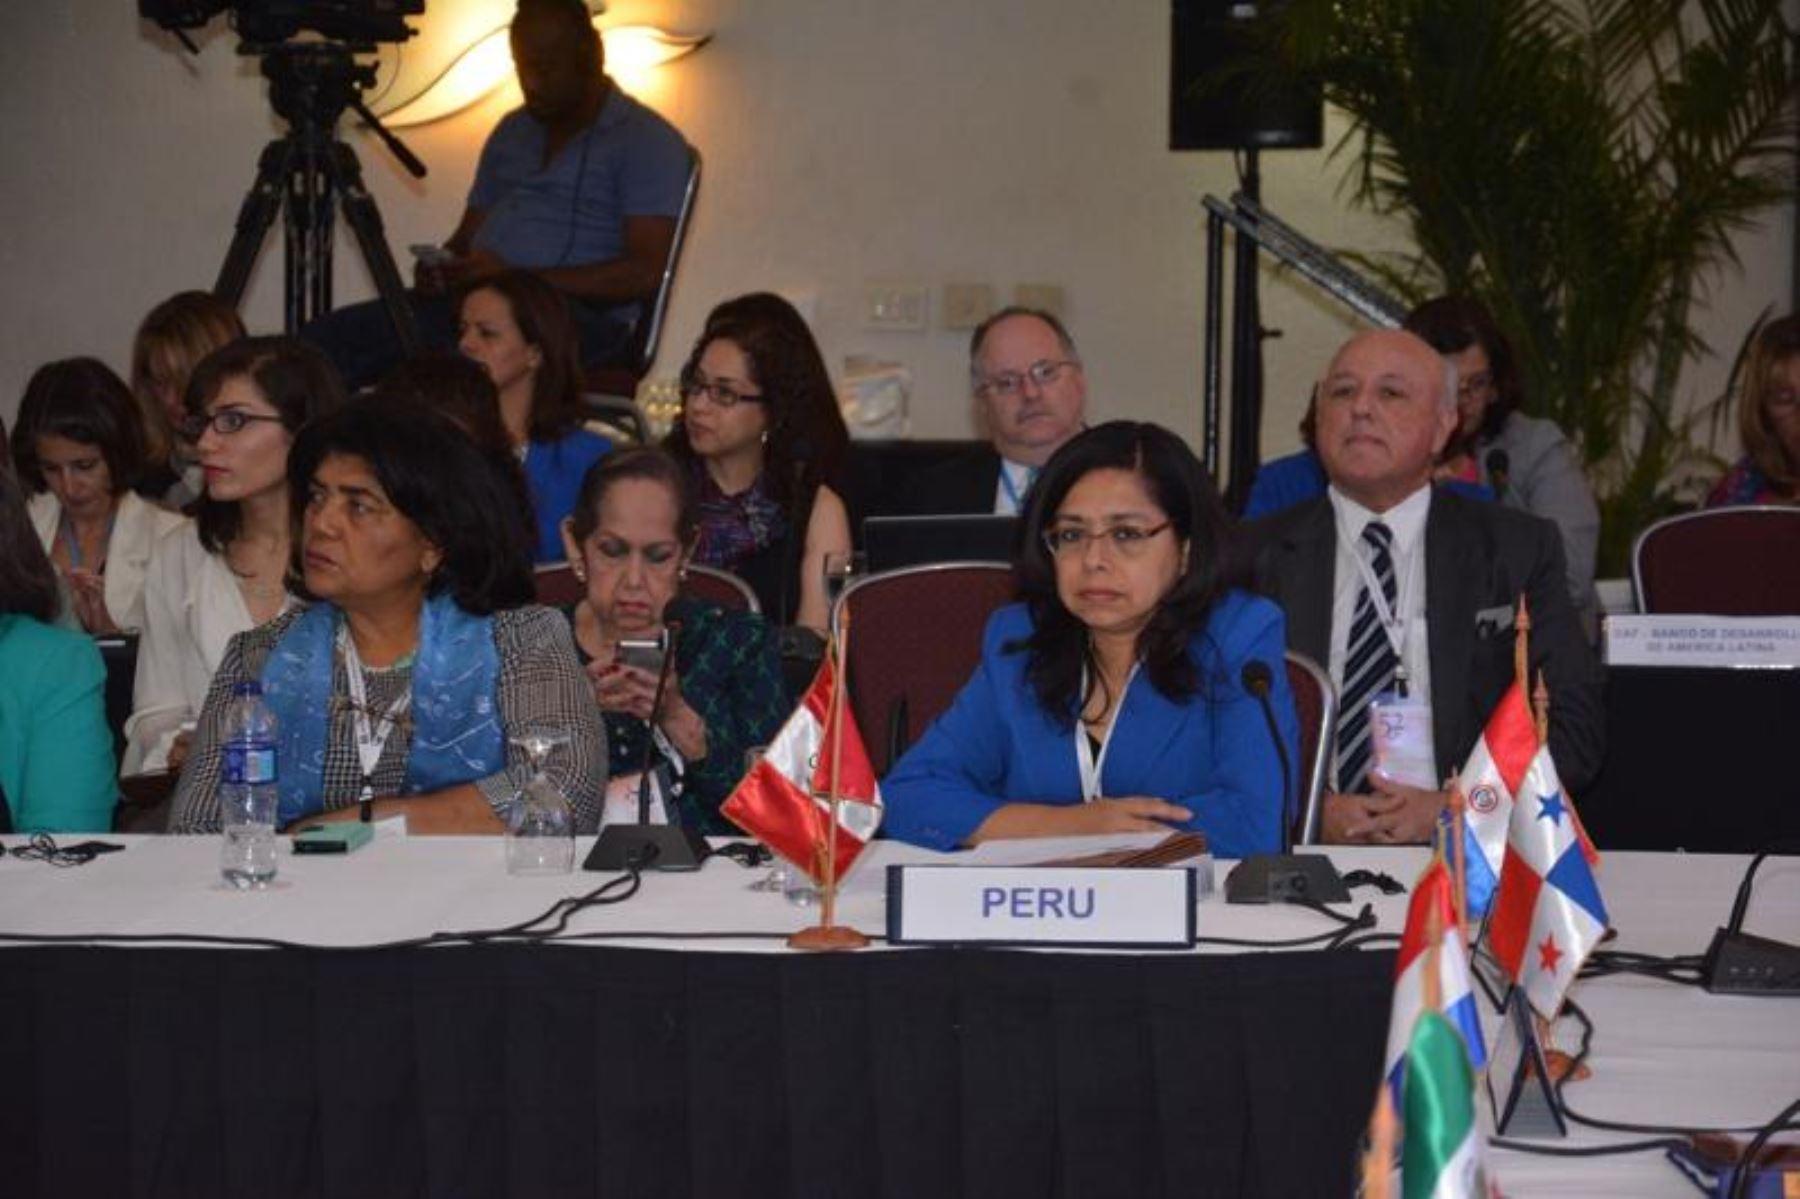 La ministra peruana de la Mujer y Poblaciones Vulnerables (MIMP), Marcela Huaita, participa en la 52º Reunión de la Mesa Directiva de la Conferencia Regional sobre la Mujer de América Latina y el Caribe, en Santo Domingo. ANDINA/Difusión